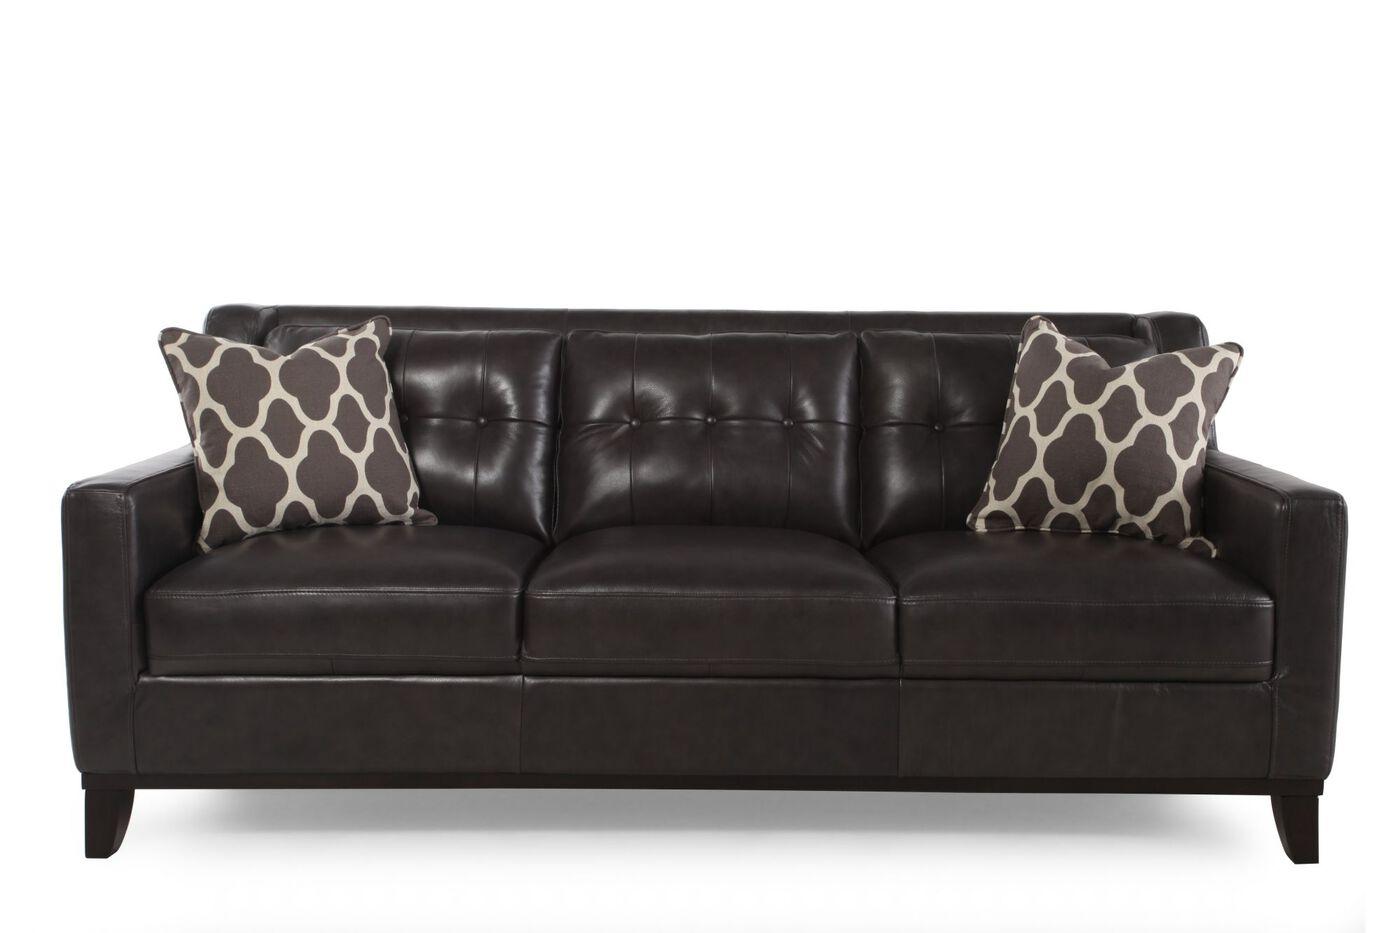 80 Leather Sofa Sofa Tufted Grey Fabric Sofas Small